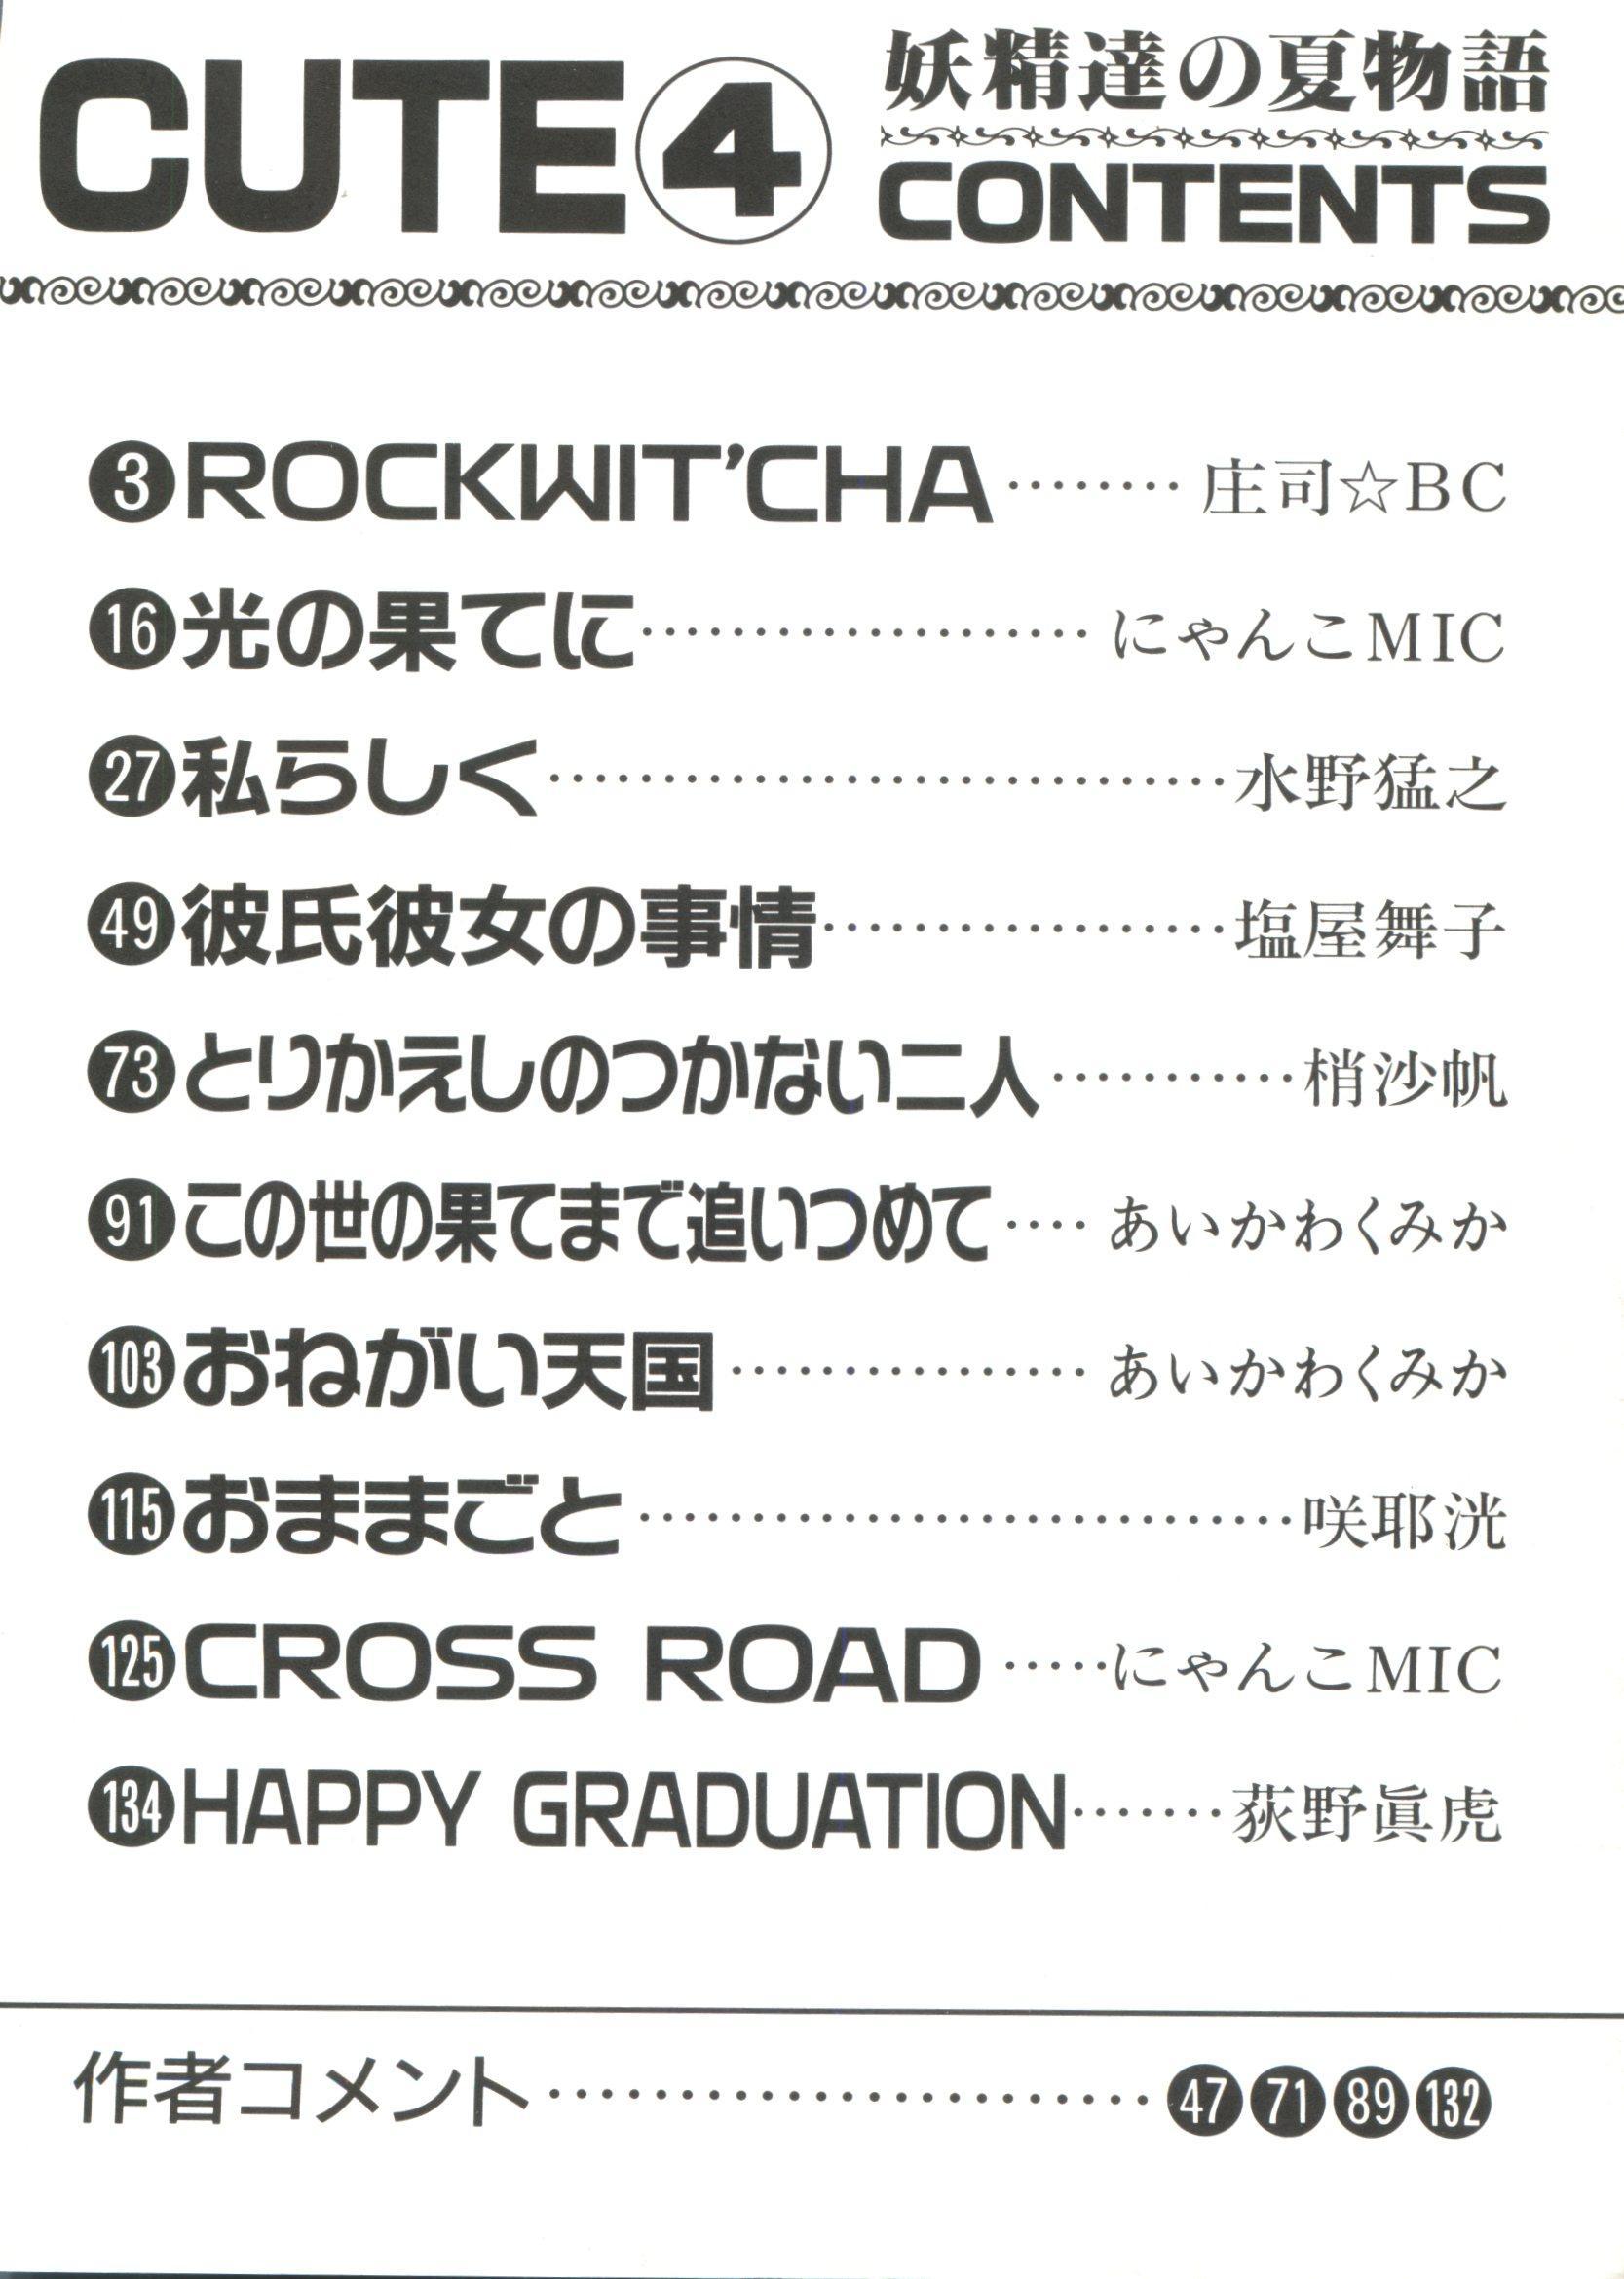 Bishoujo Doujinshi Anthology Cute 4 3